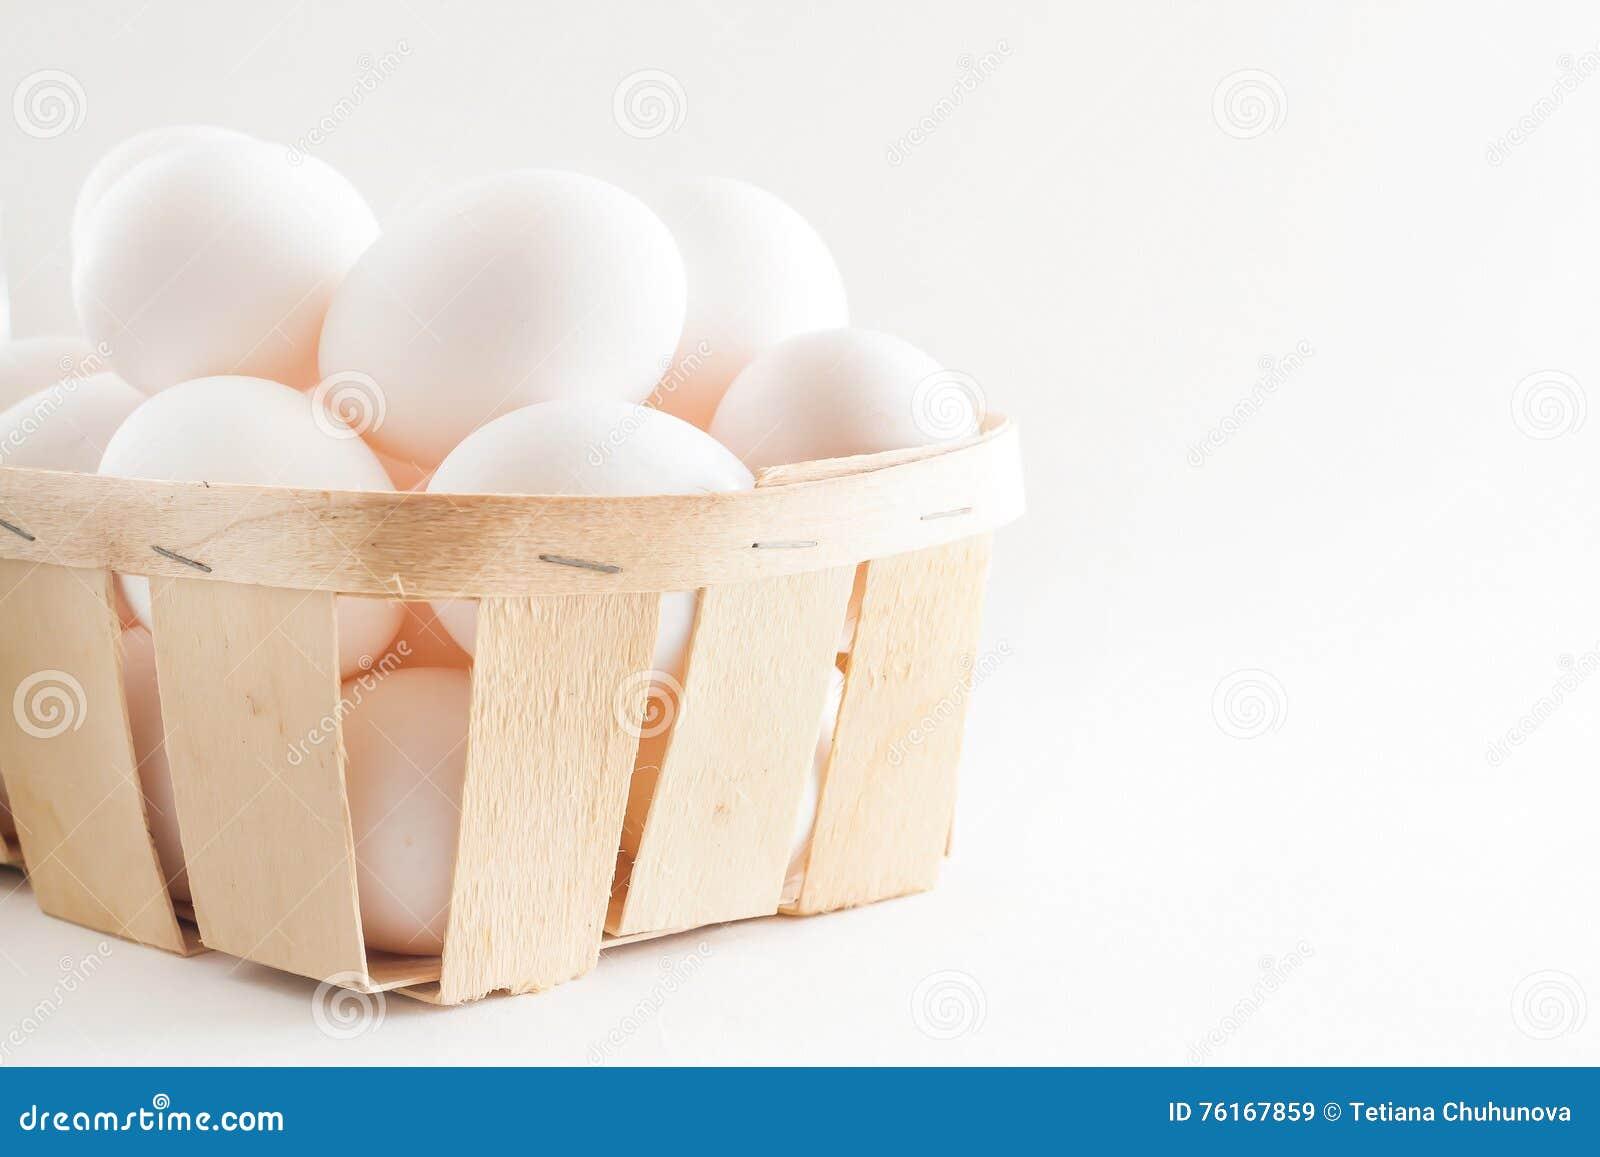 Pełny kosz świezi jajka na białym tle